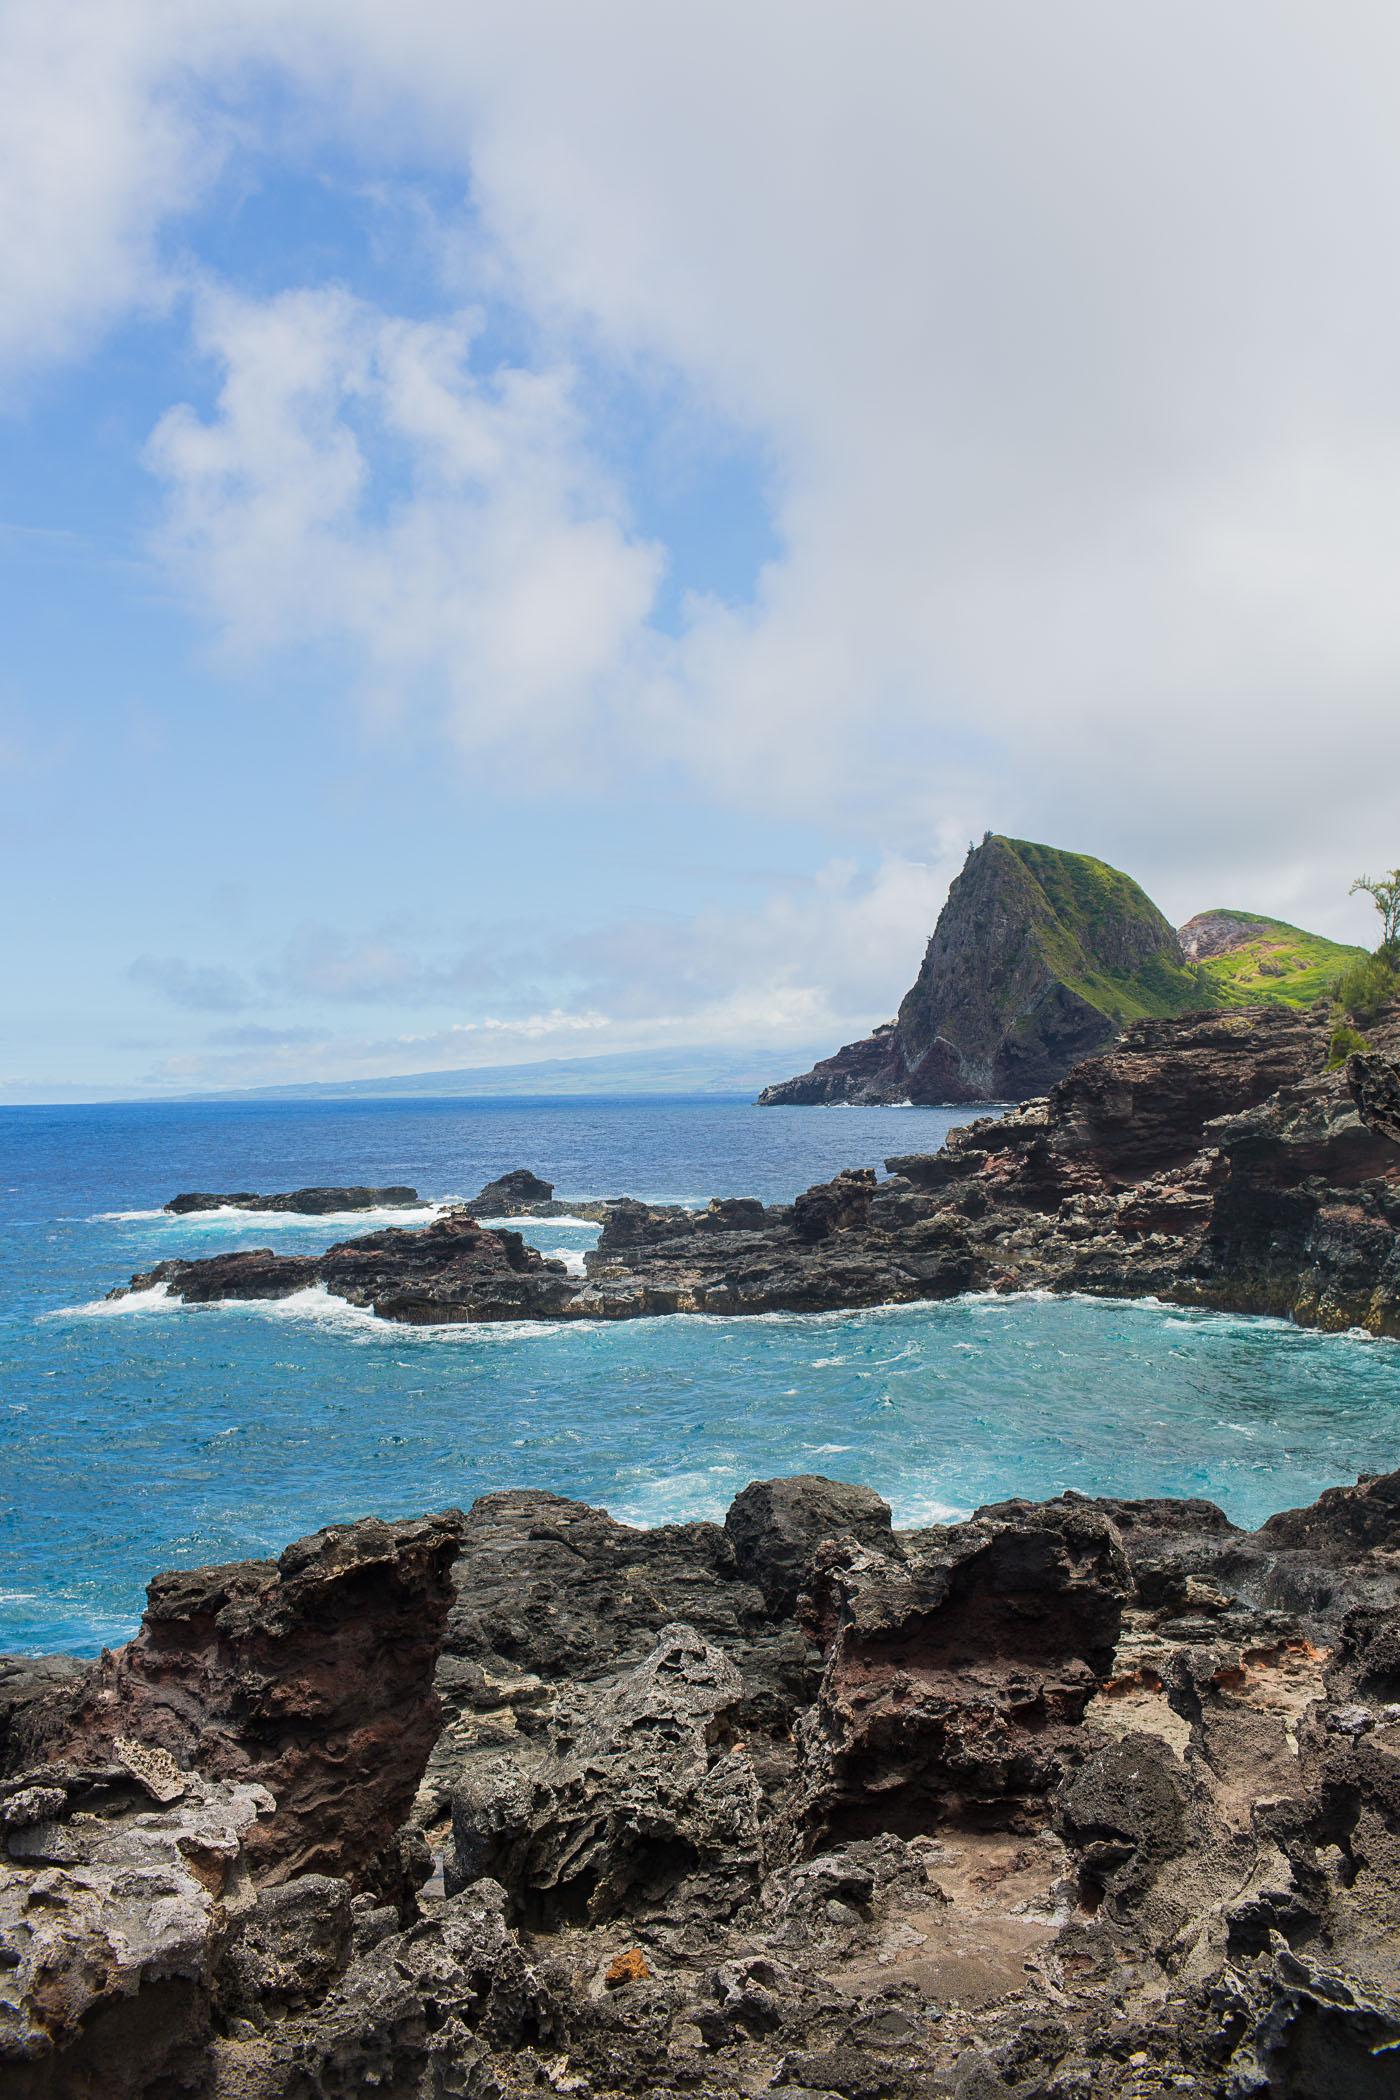 Western Coastline on the Island of Maui